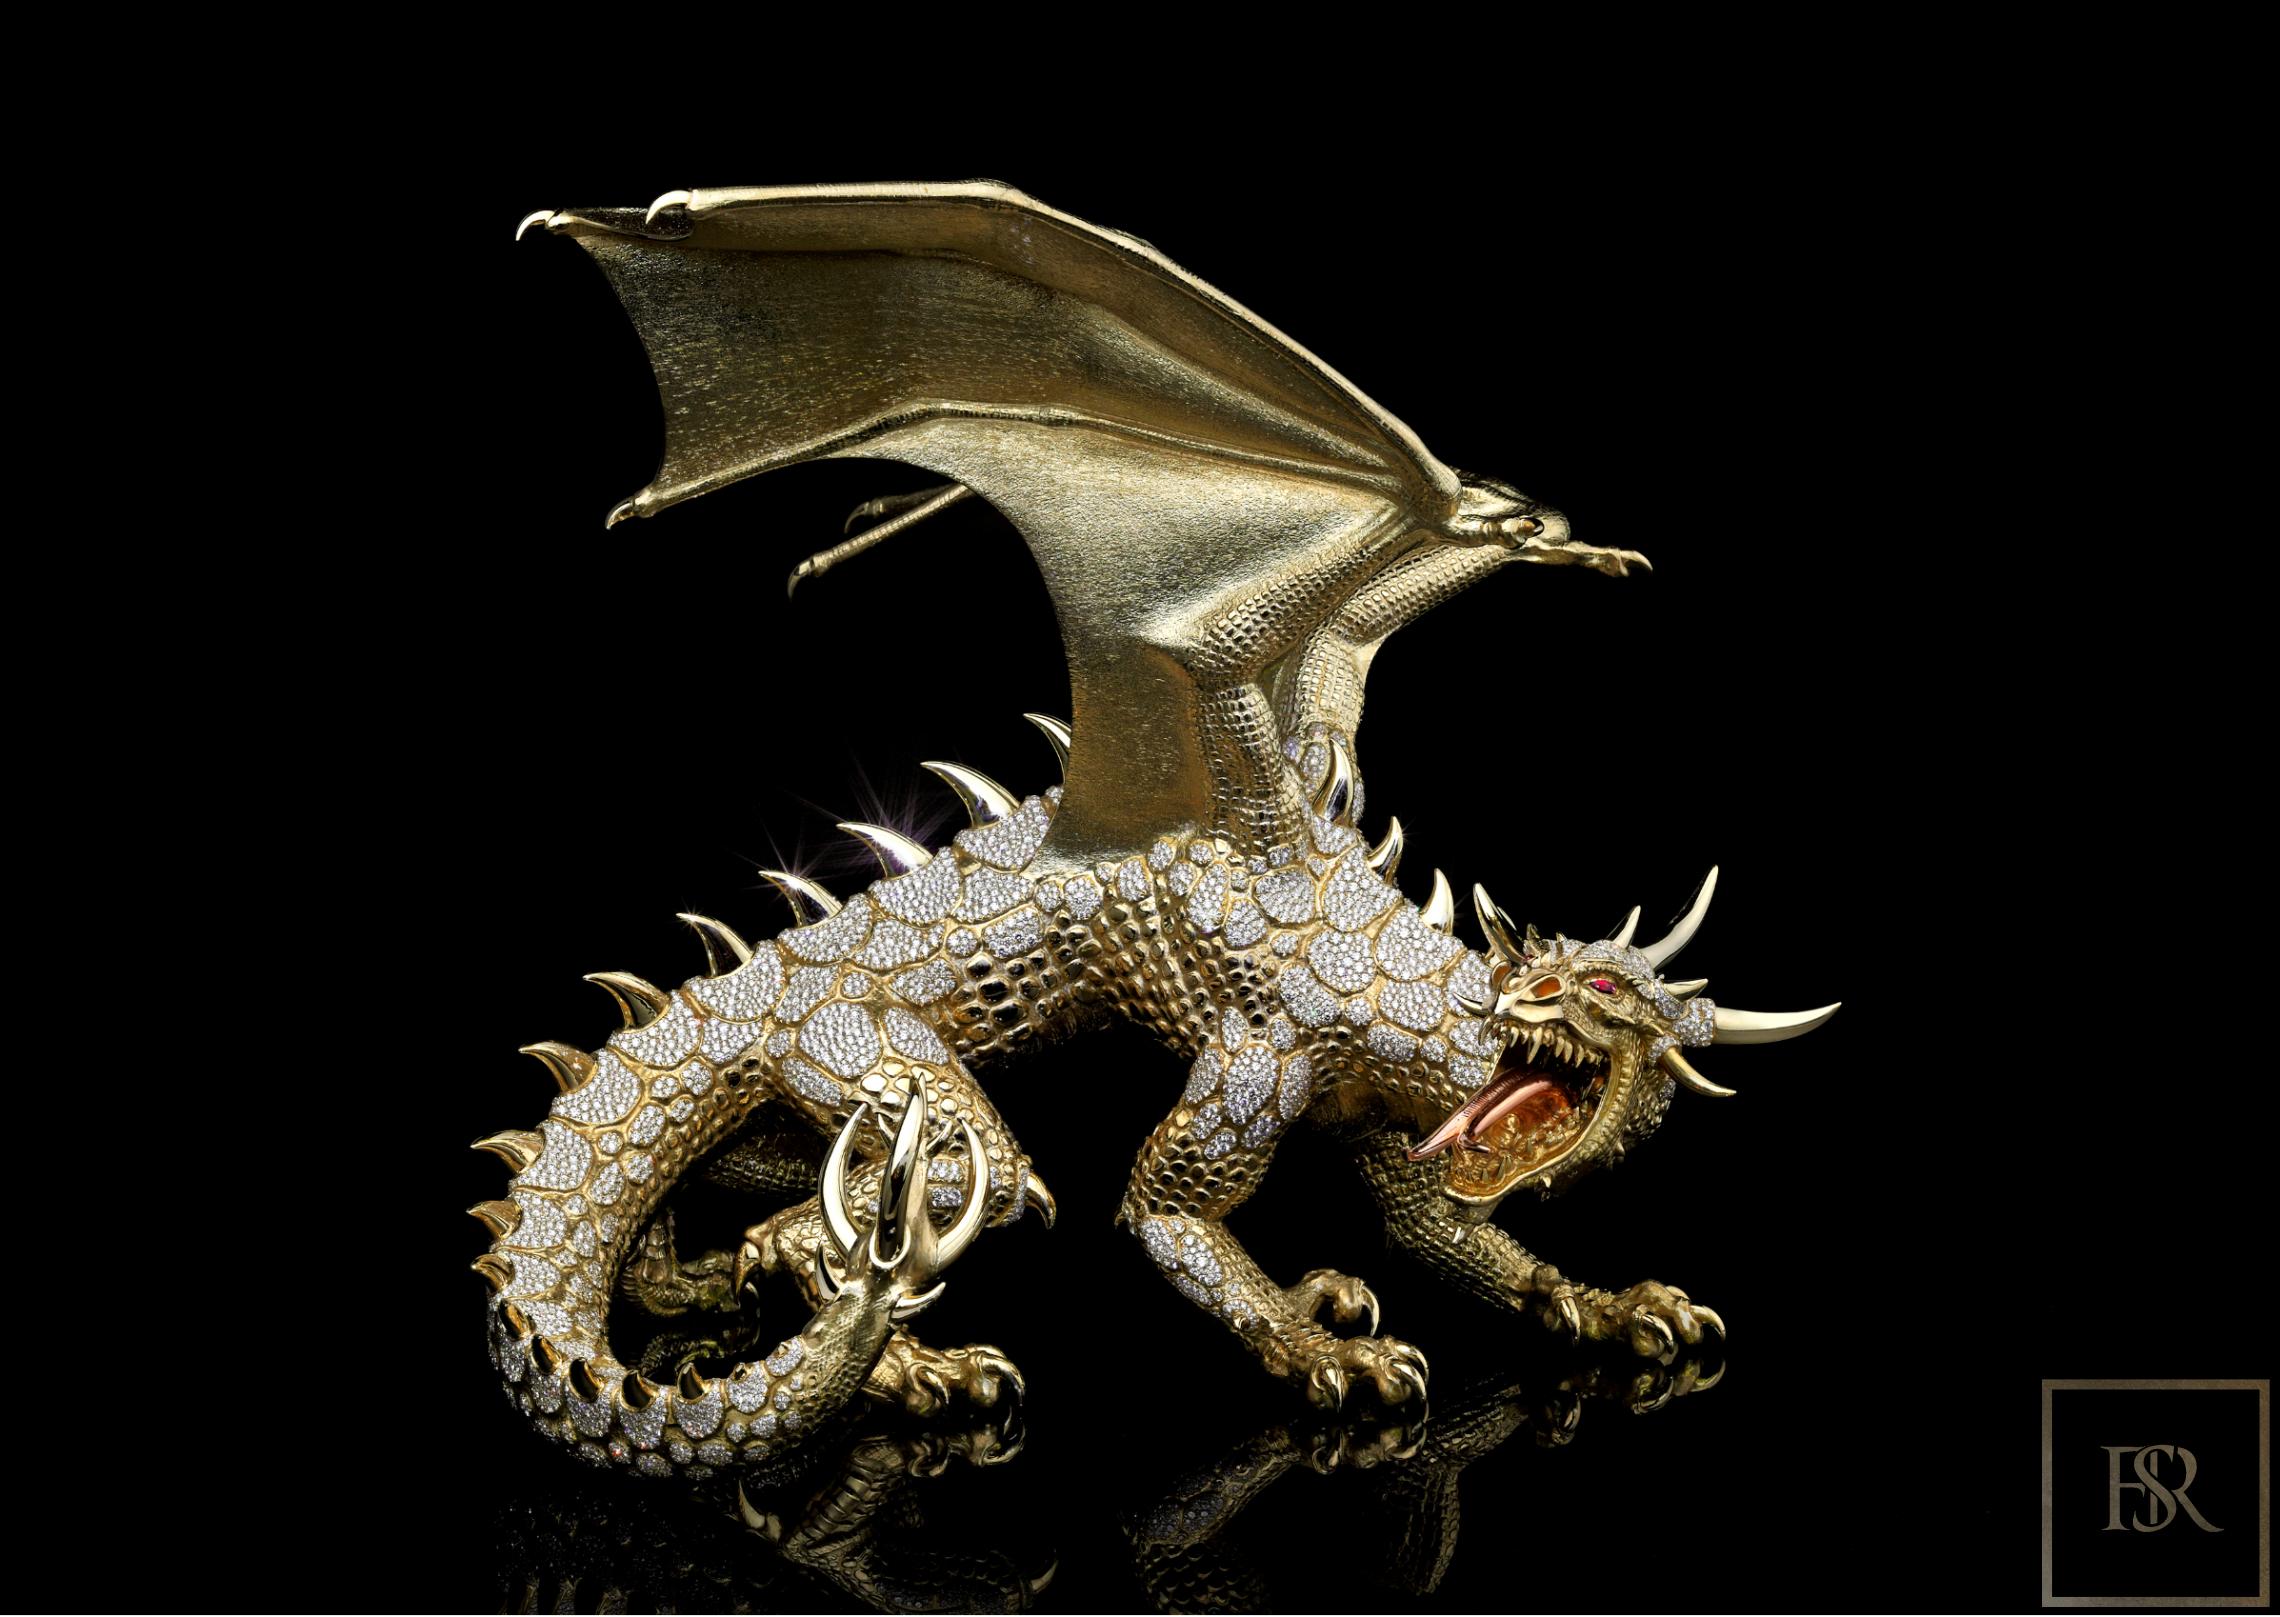 Unique Sculpture Dragon AHTON - GIBERG for sale For Super Rich